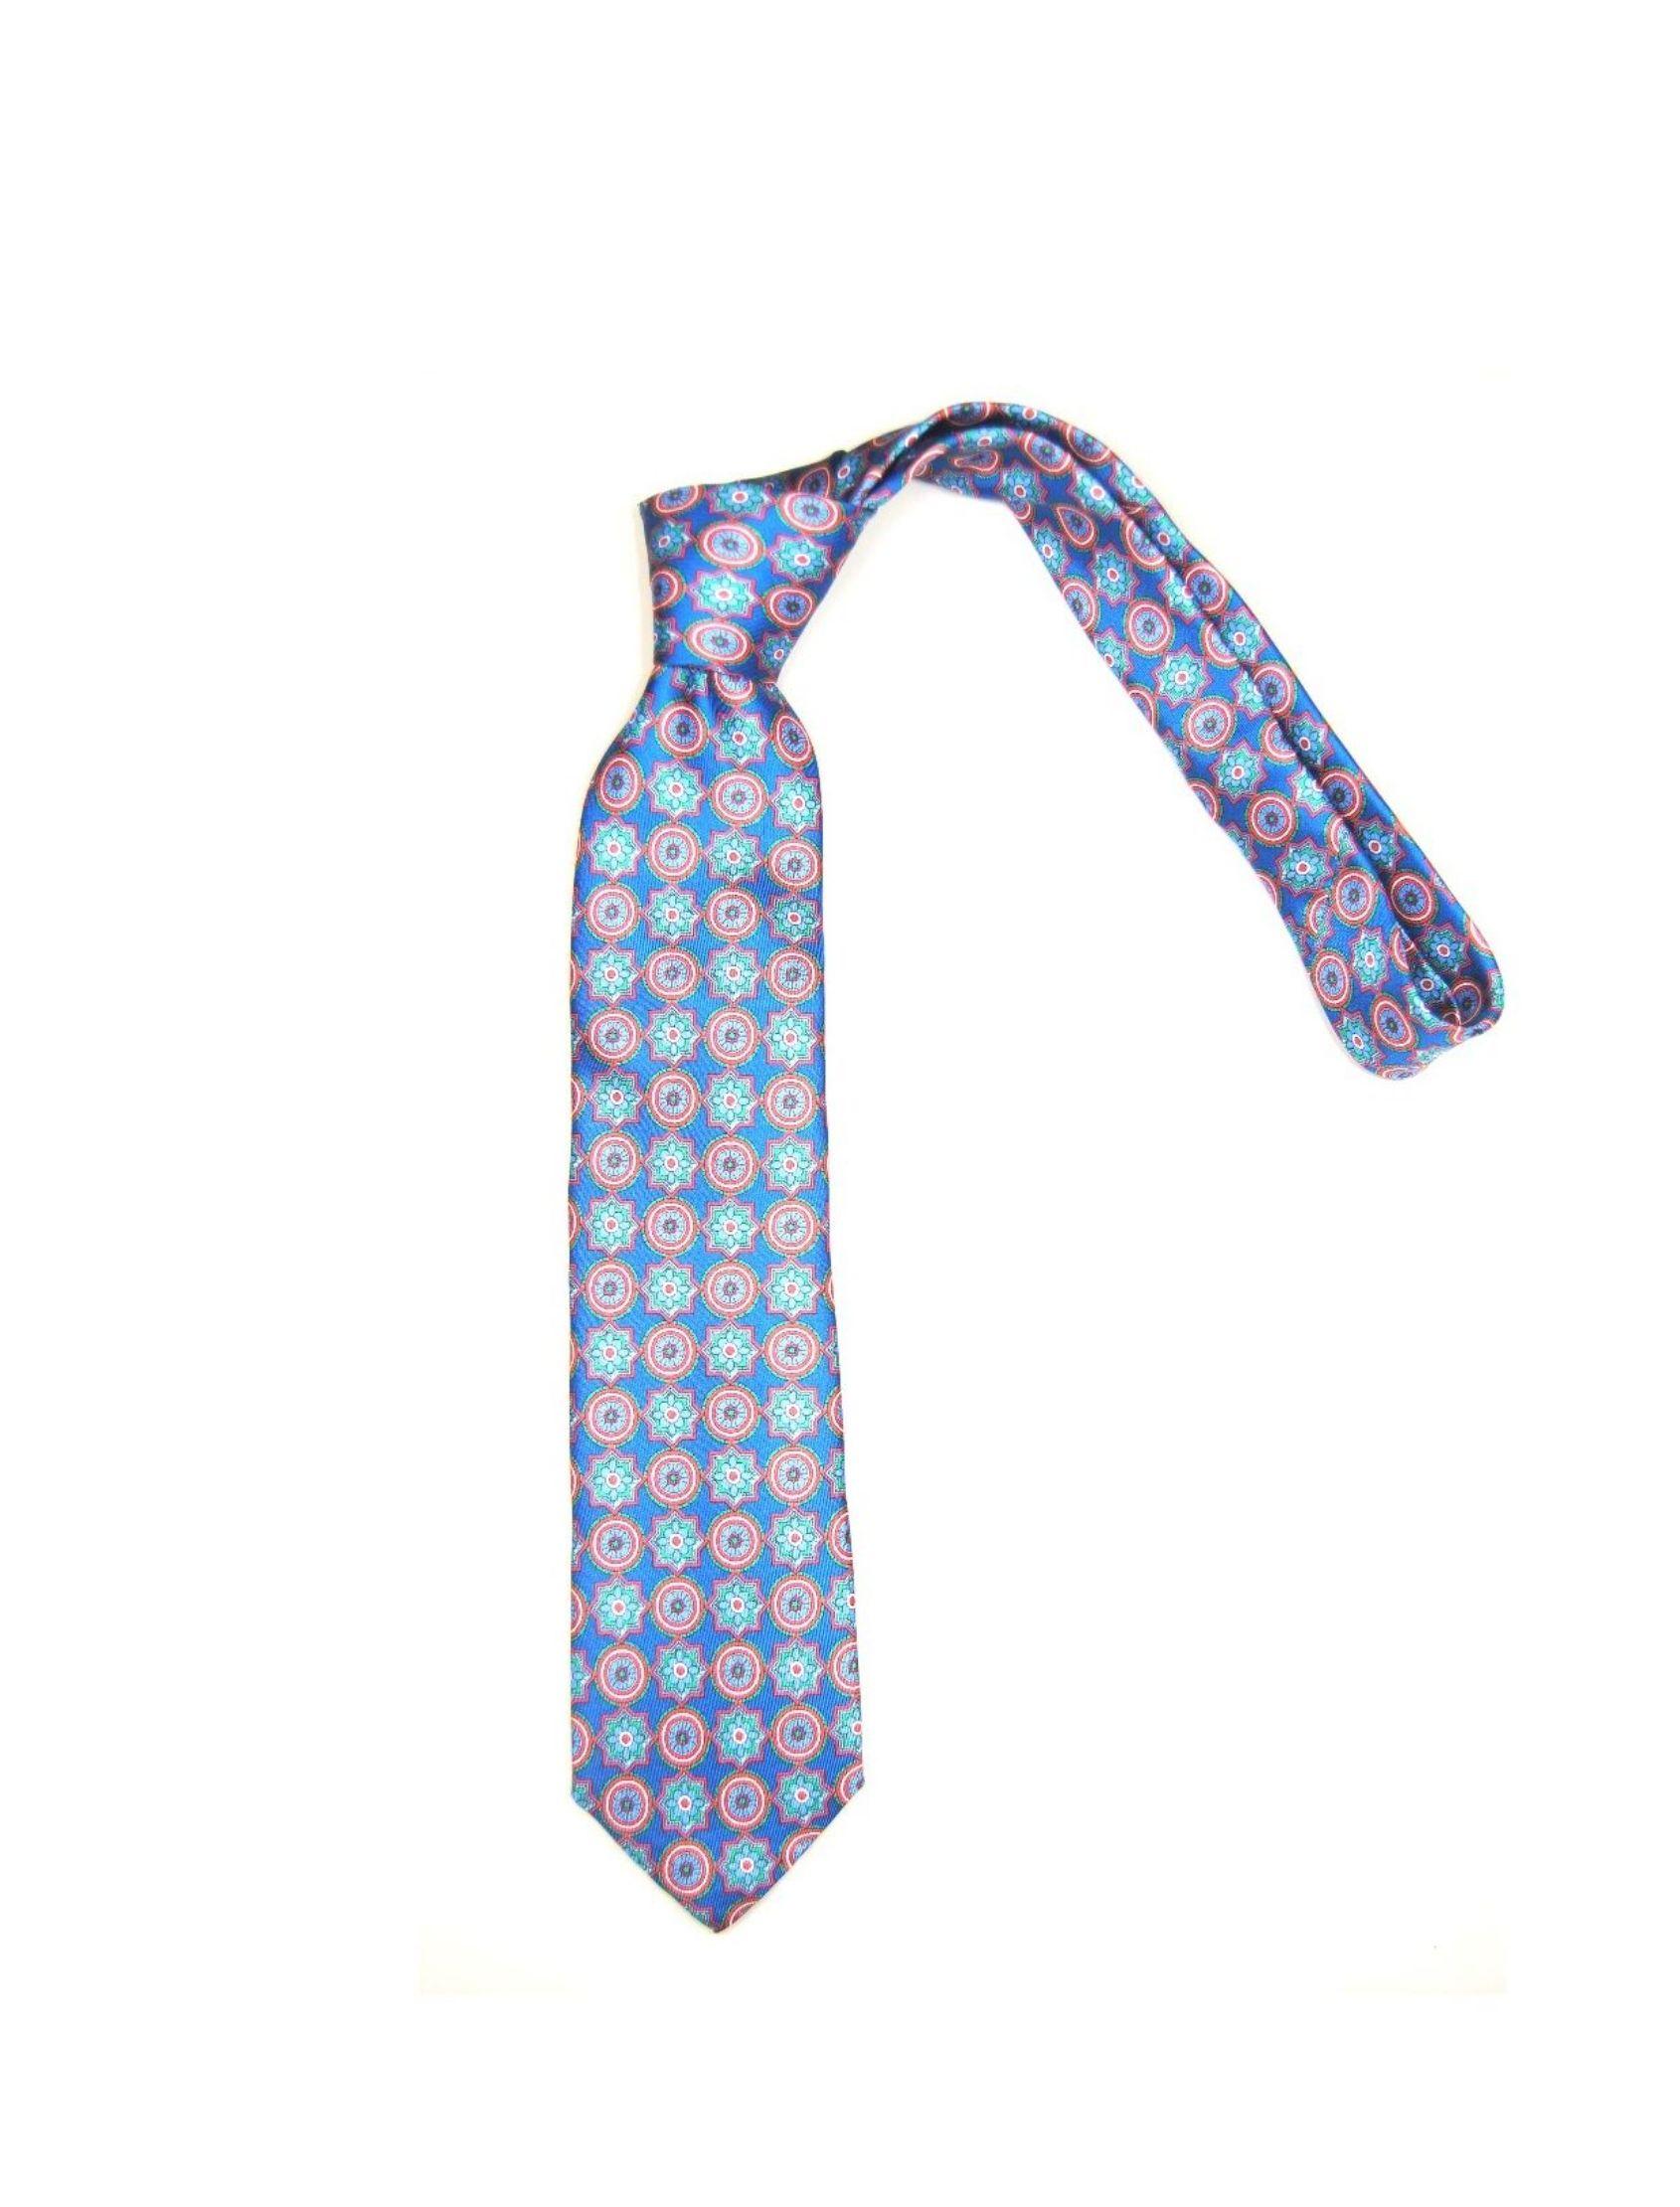 Corbata hombre con estampado geométrico en azul y rojo. Fabricada en seda100%